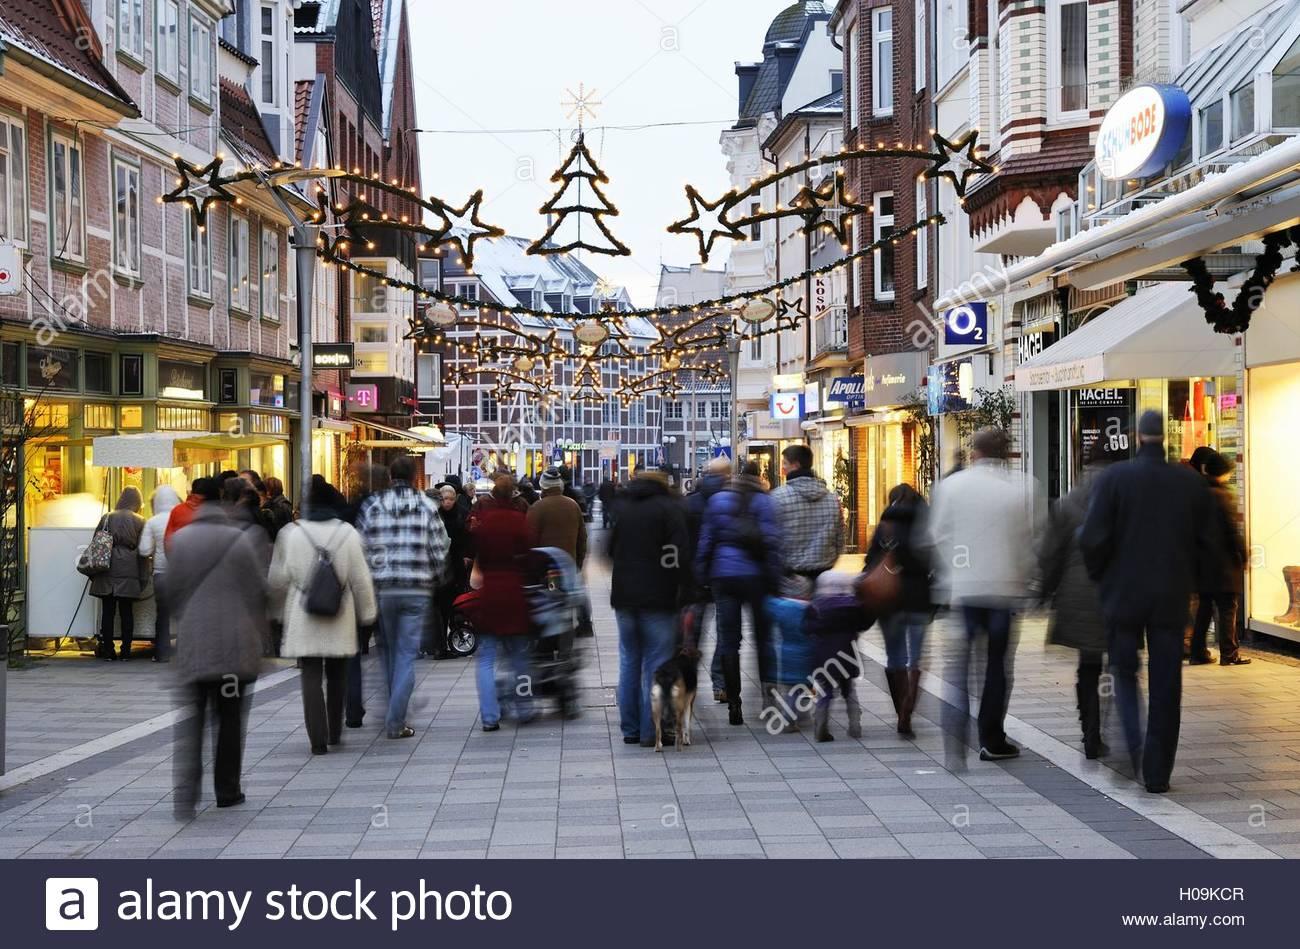 BLWX071850 [ (c) blickwinkel/McPHOTOx/Christian Ohde Tel. +49 (0)2302-2793220, E-mail: info@blickwinkel.de, Internet: Stock Photo